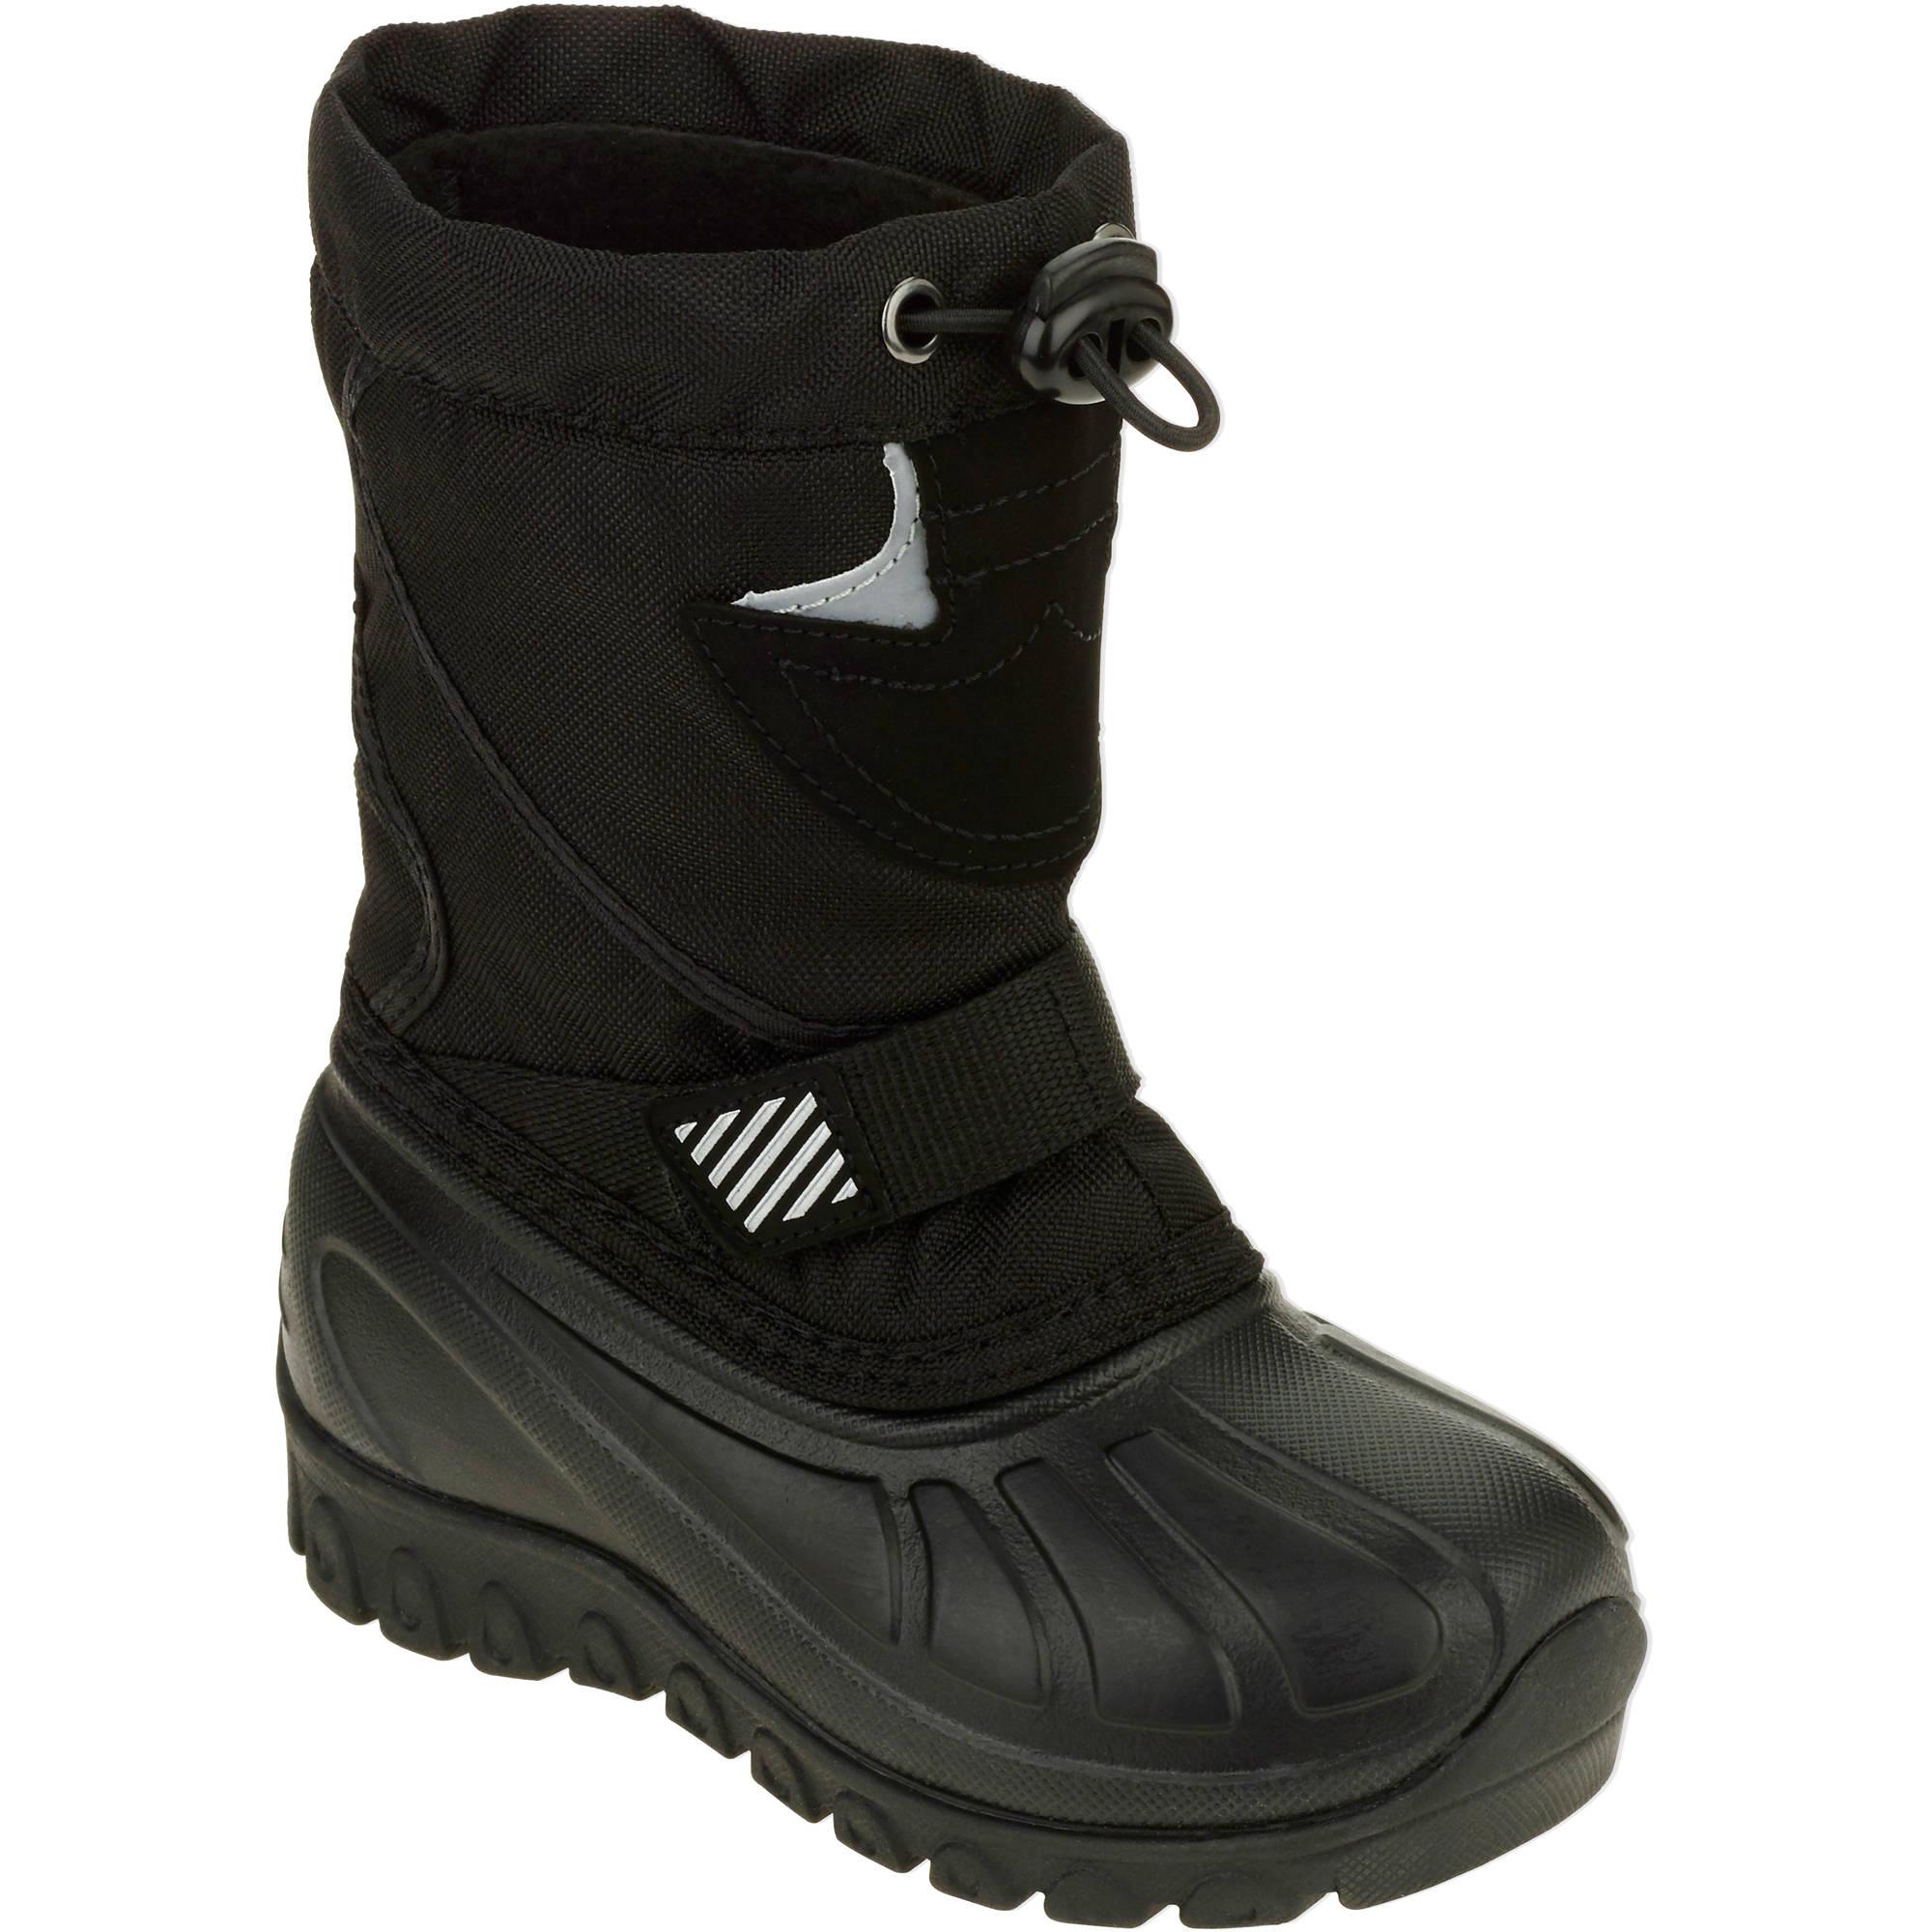 Toddler Snow Boots At Walmart | Homewood Mountain Ski Resort